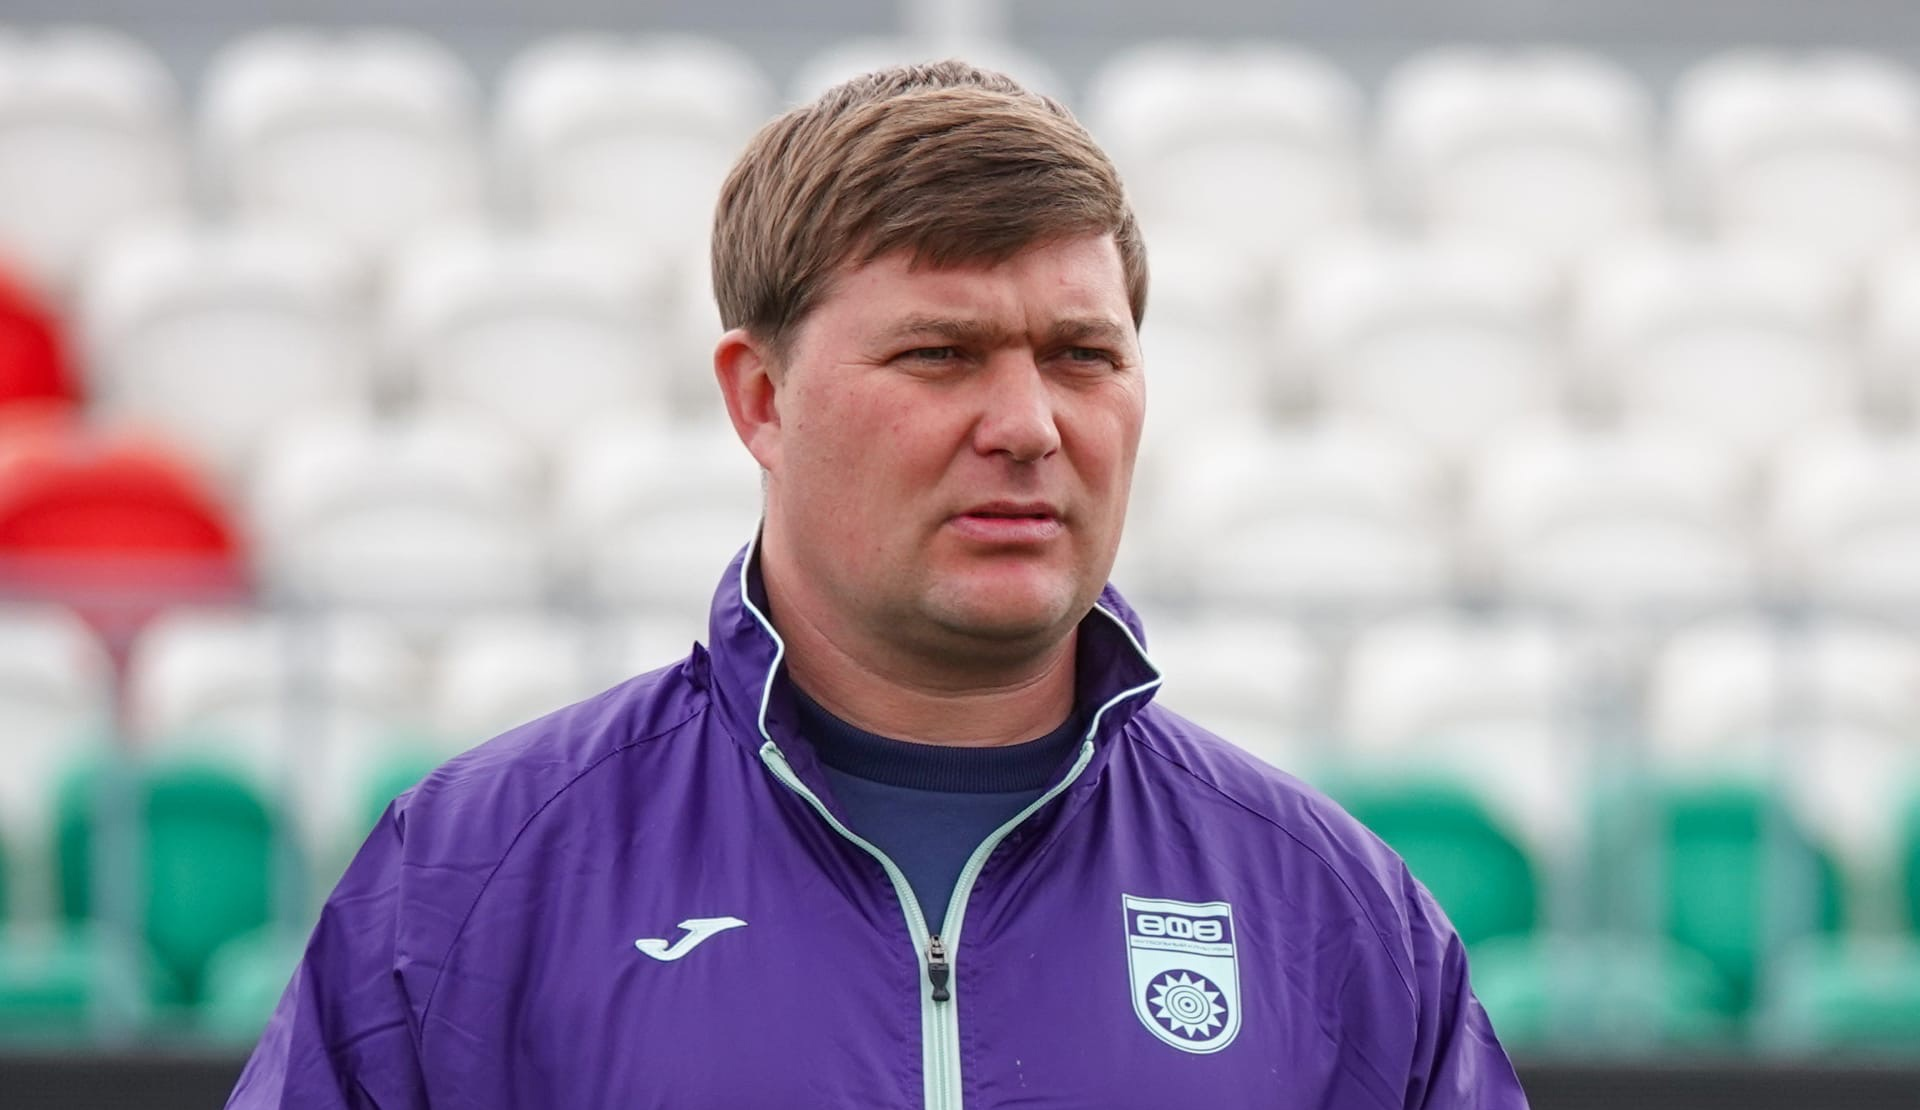 Футболисты «Уфы» ненавидели Рахимова. Стукалов и Нагорный смогли сделать команду - фото